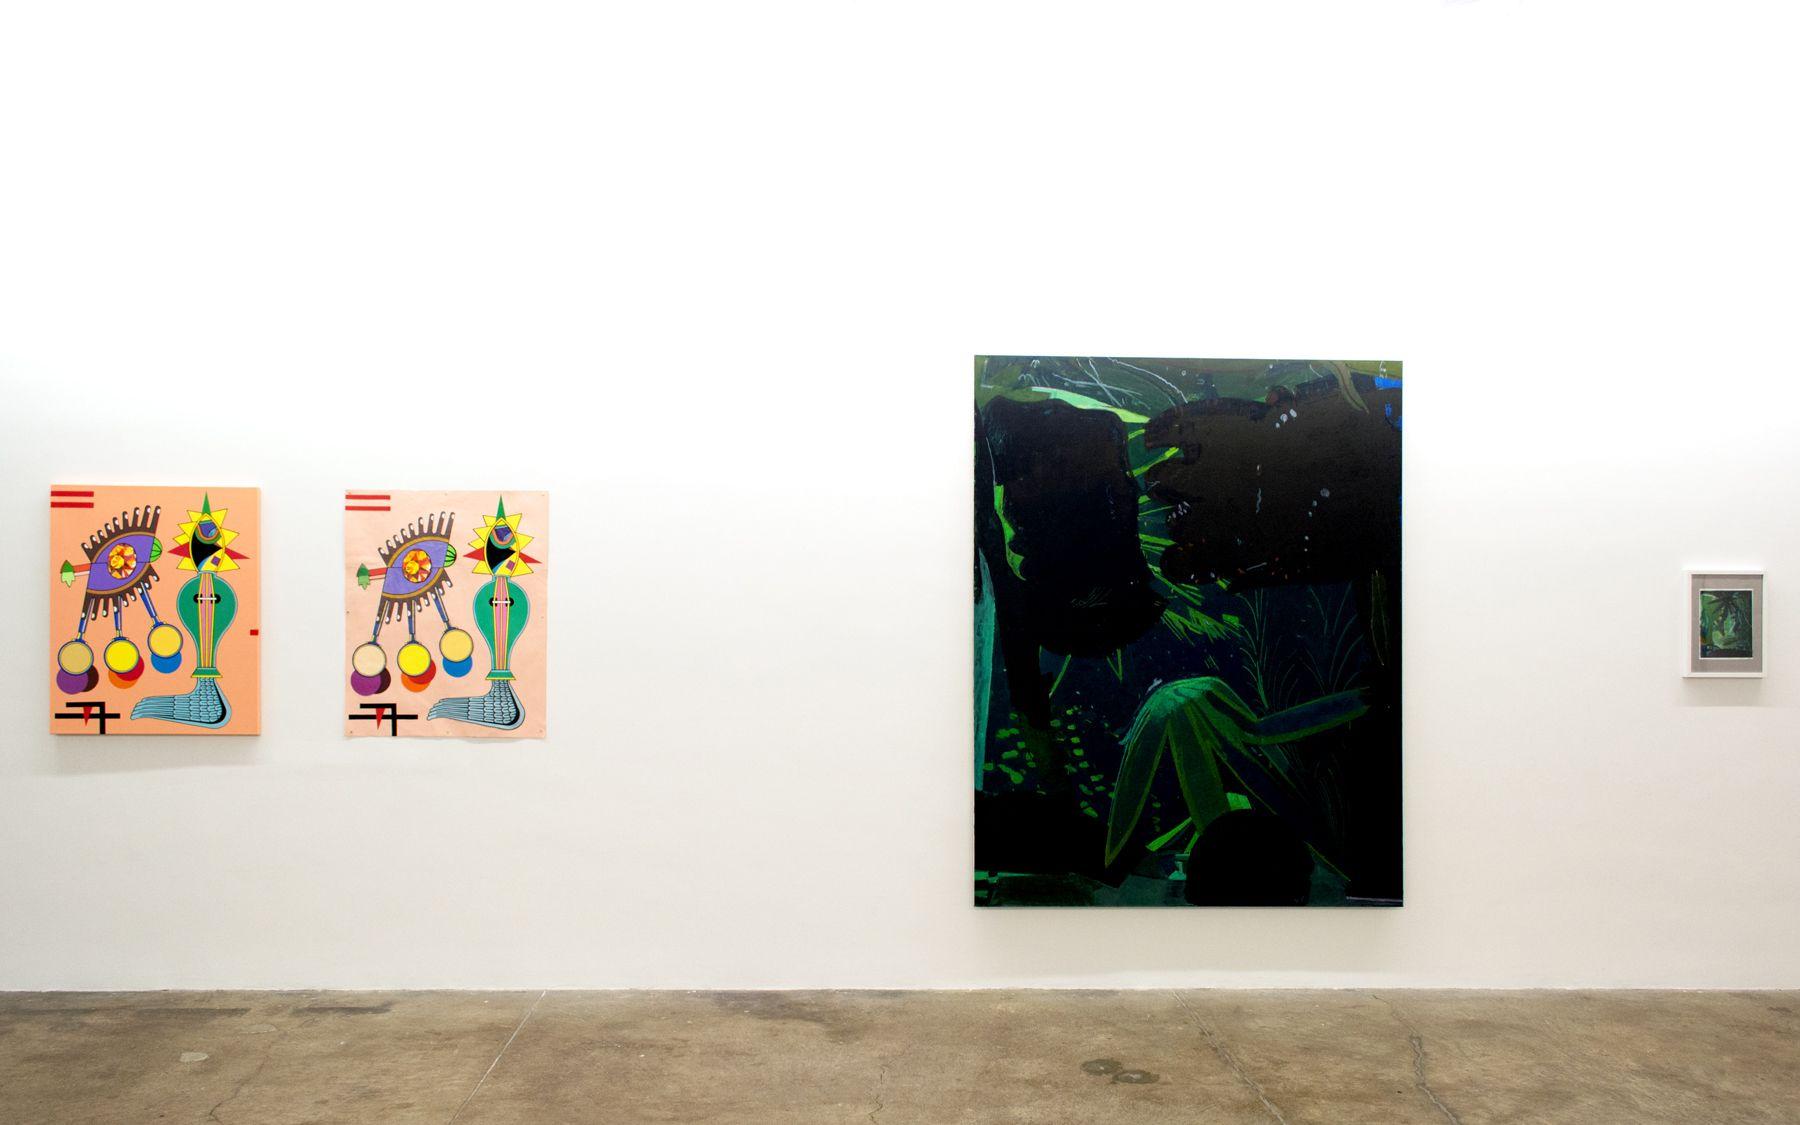 Rough Cut  Curated by Jennifer Samet and Elizabeth Hazan January 8 – February 7, 2015 Morgan Lehman Gallery, NY, NY